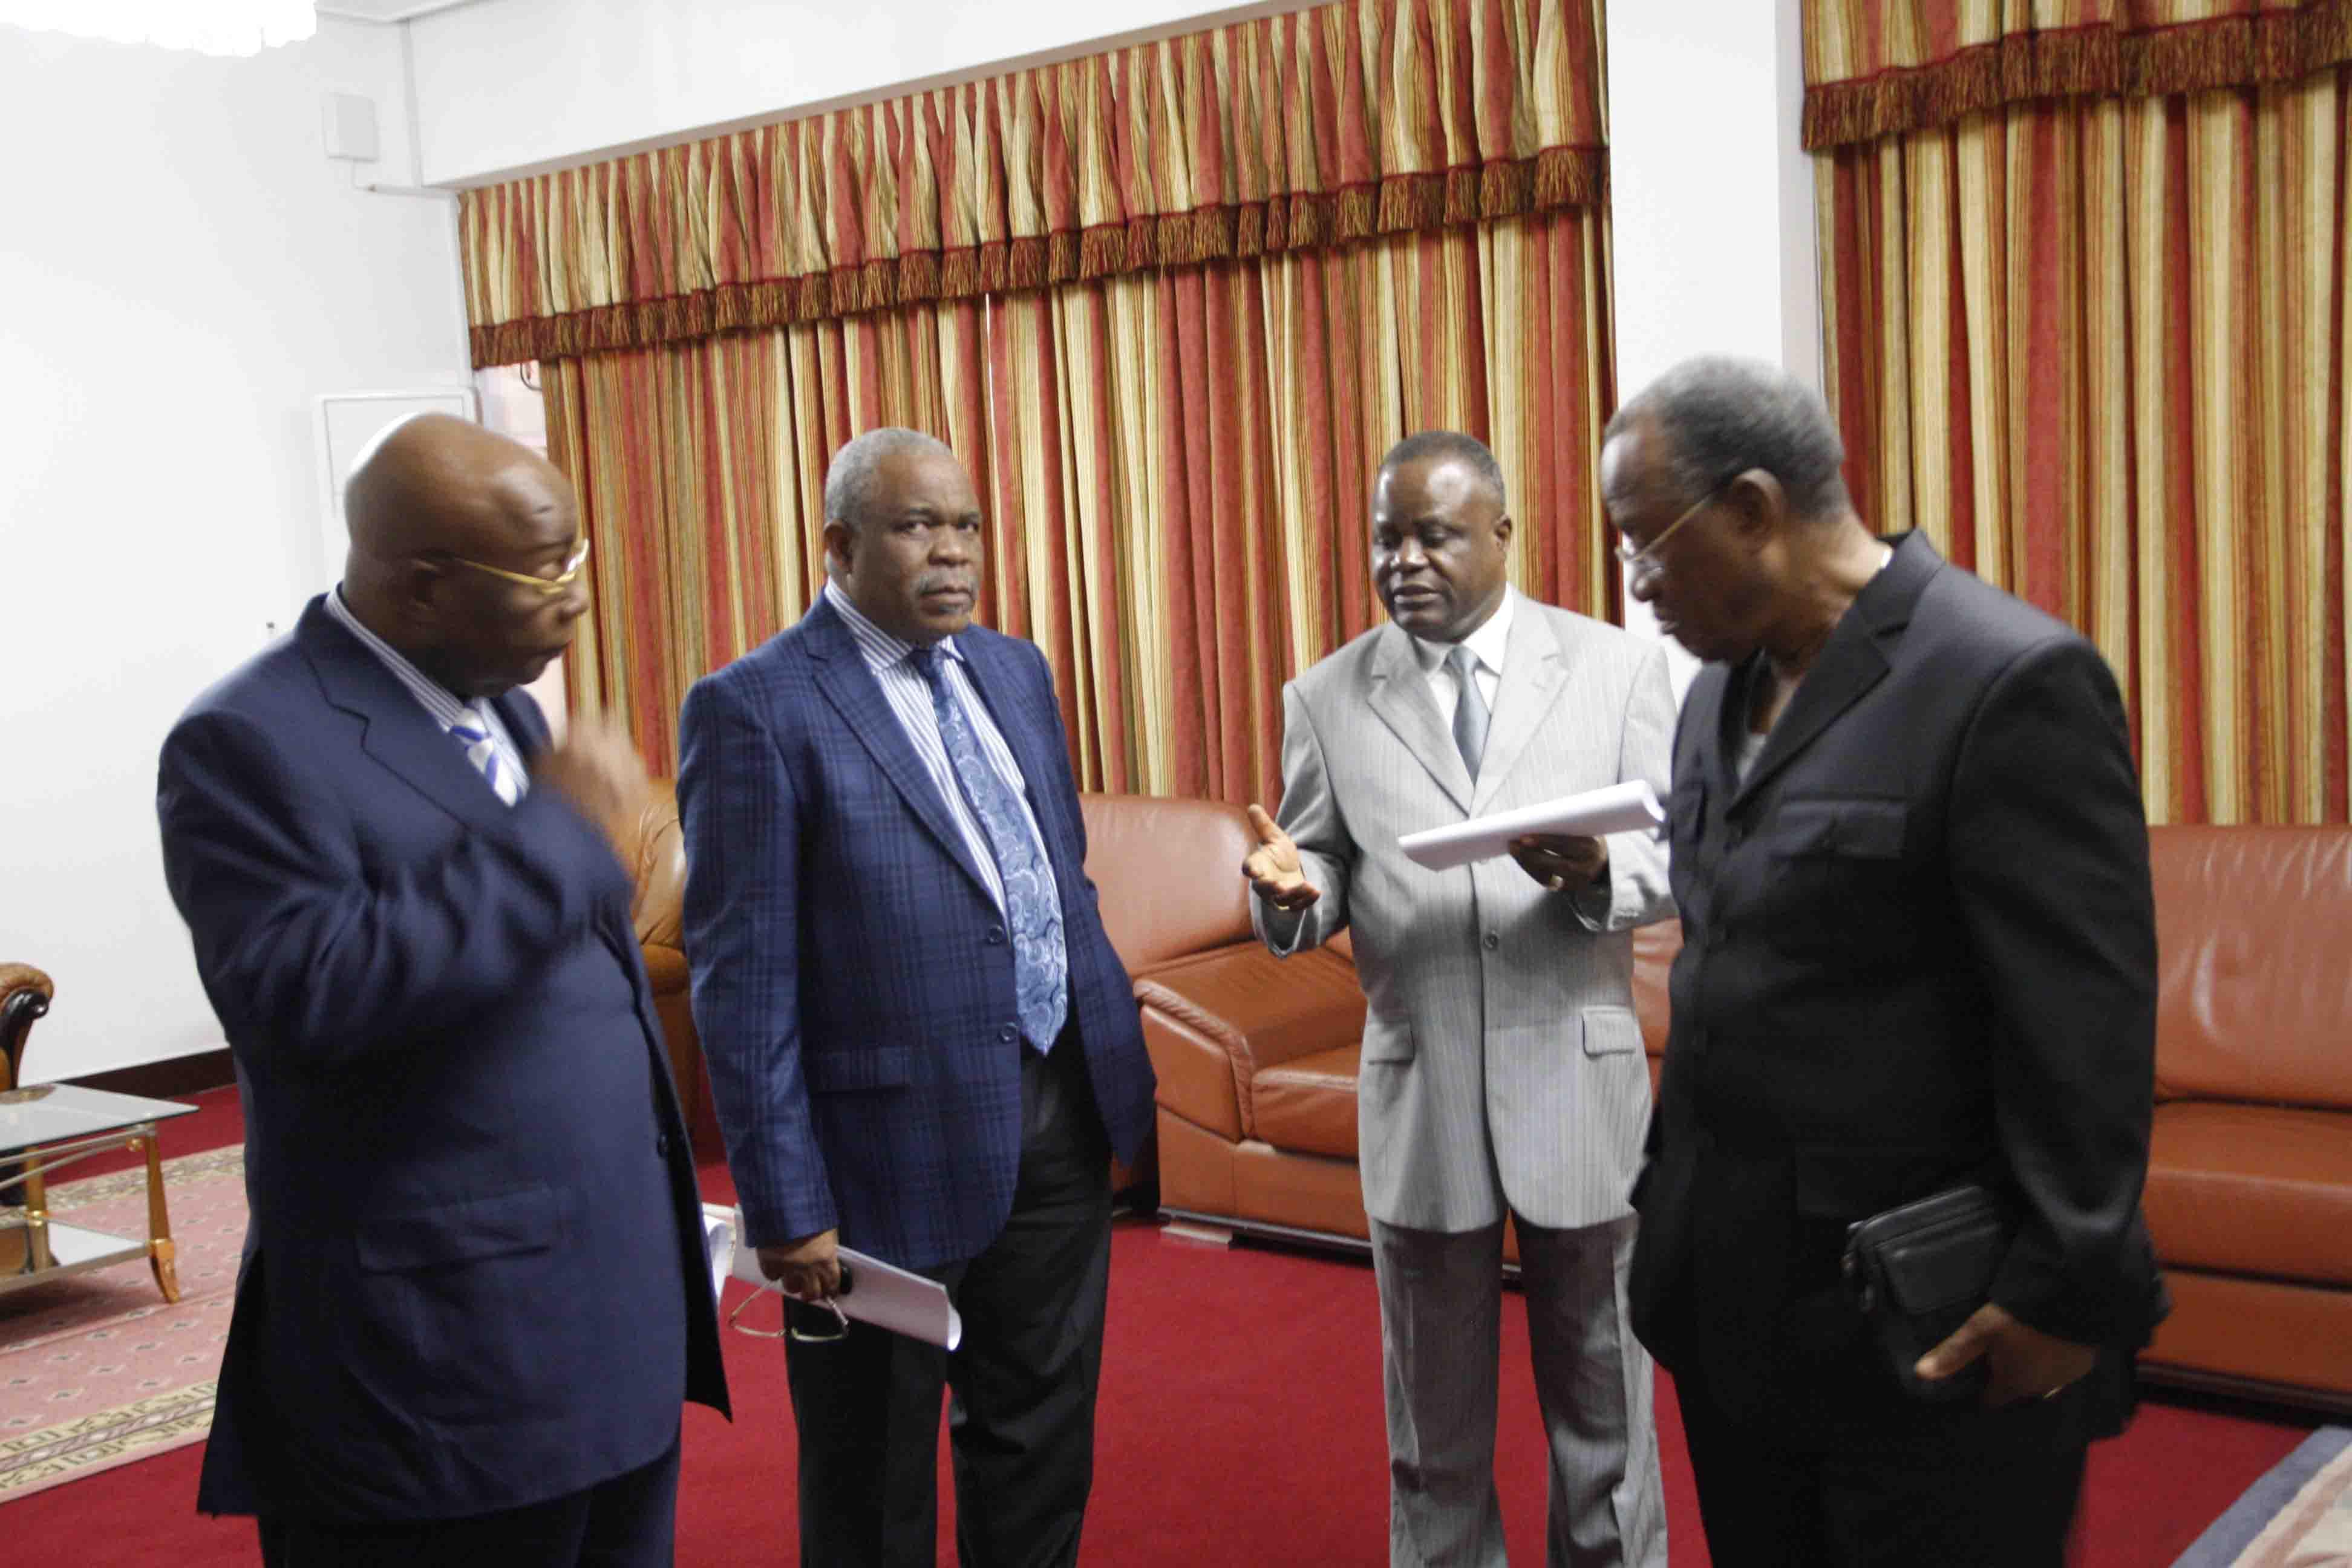 Déclaration : Mathias DZON et le Collectif des partis de l'opposition interpellent le pouvoir de Brazzaville sur la crise qui bloque le pays